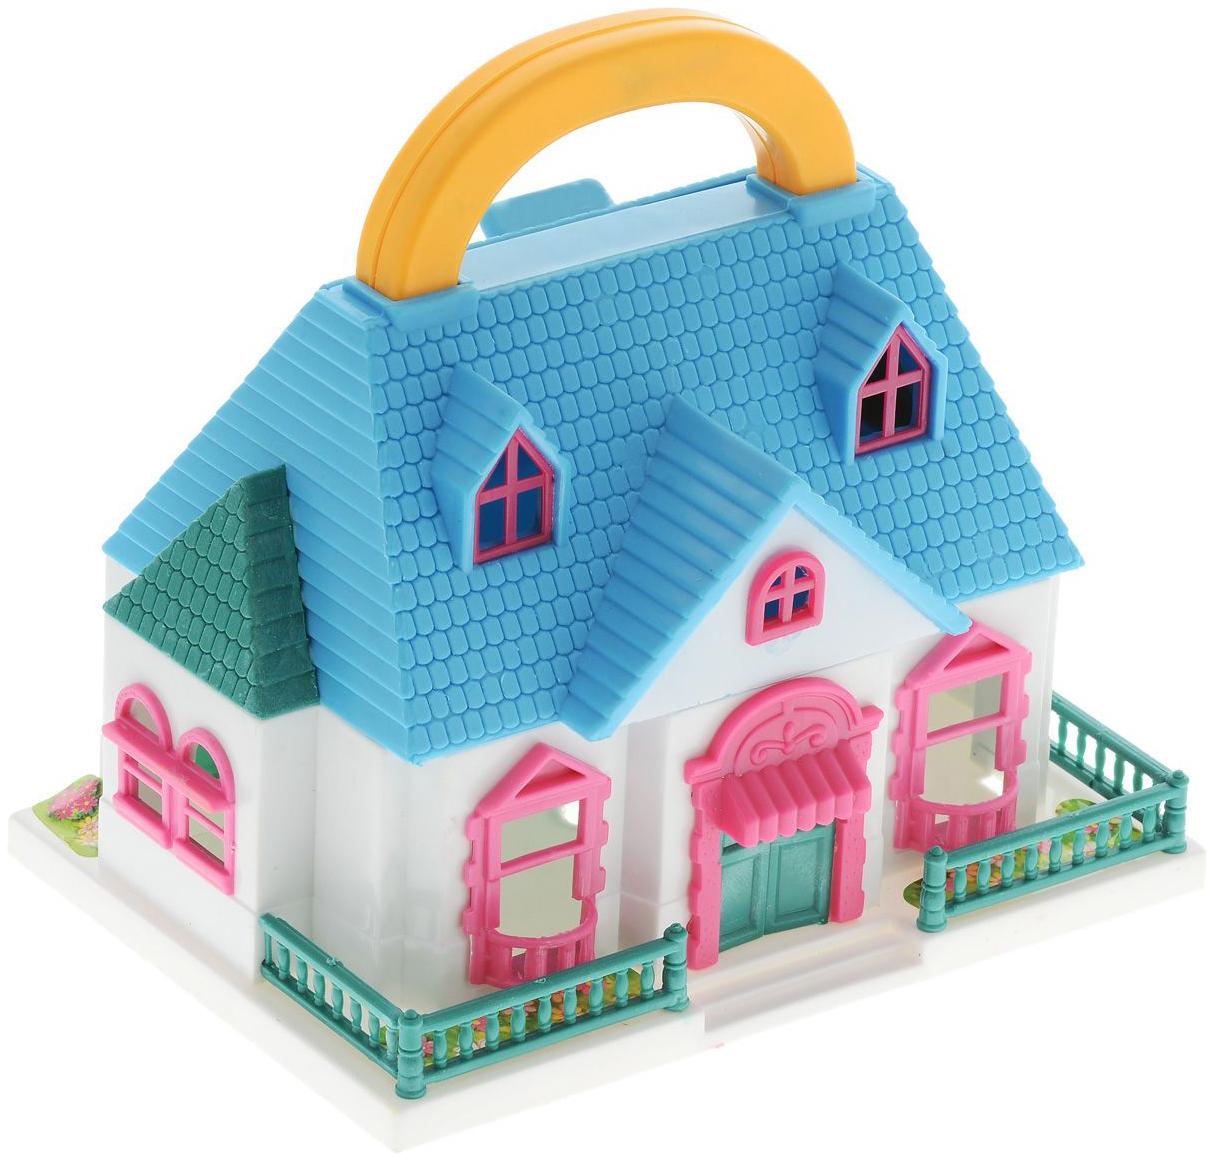 Купить Кукольный домик ABtoys PT-00228 В гостях у куклы в ассортименте,